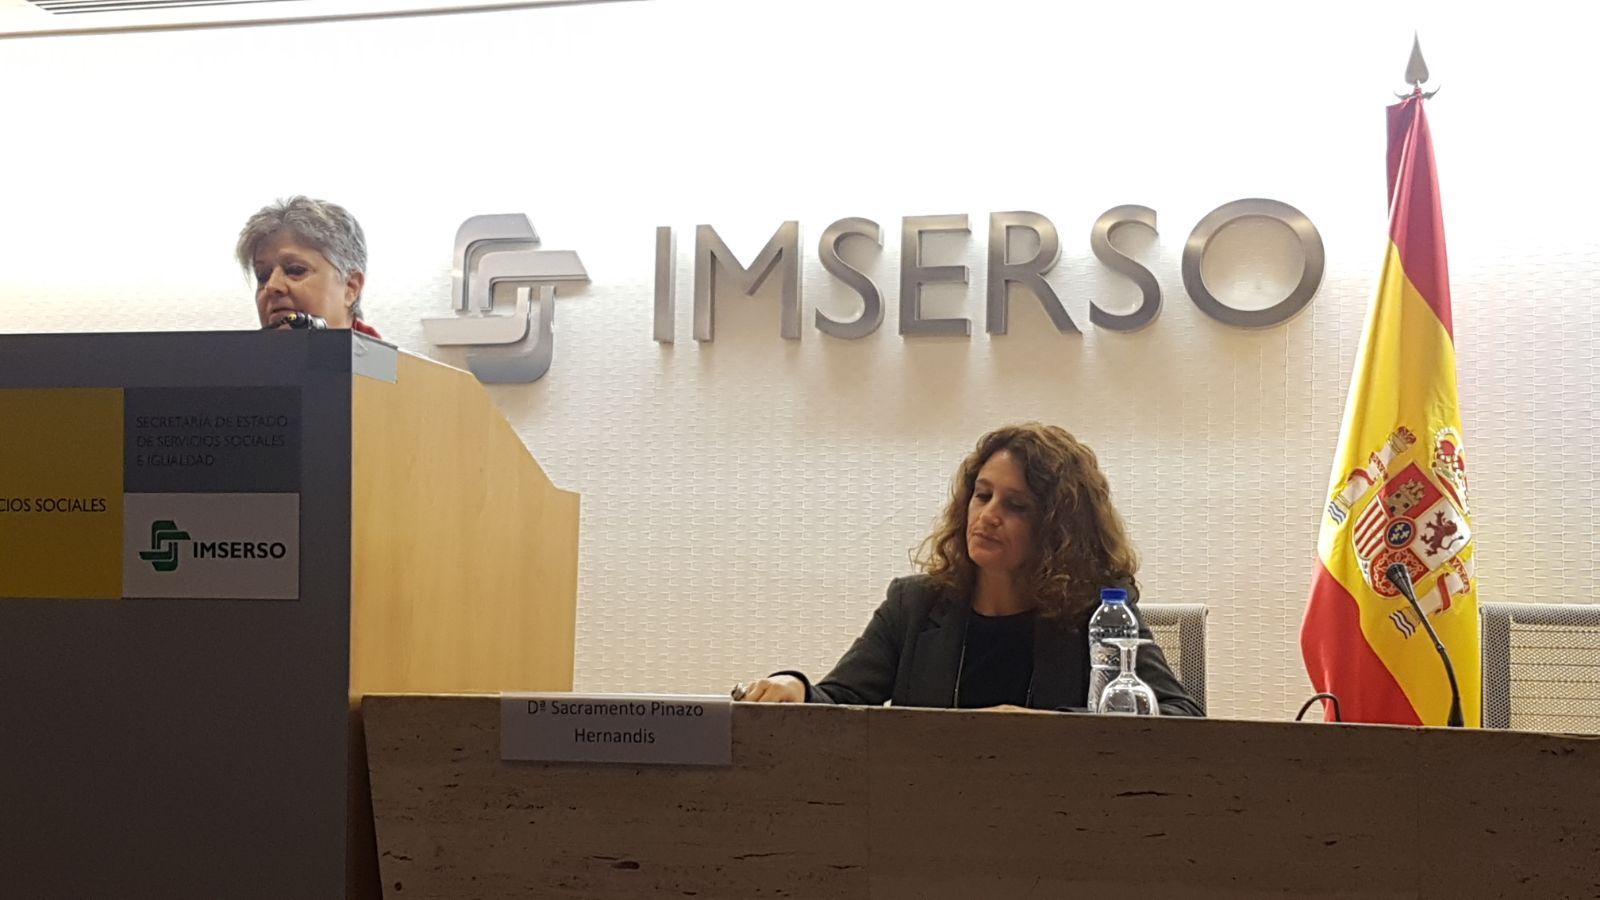 Habla Gregorio Rodríguez Cabrero (Universidad de Alcalá de Henares). En la mesa, Sacramento Pinazo, Vicepresidenta SEGG y Pilar Rodríguez, presidenta de Fundación Pilares